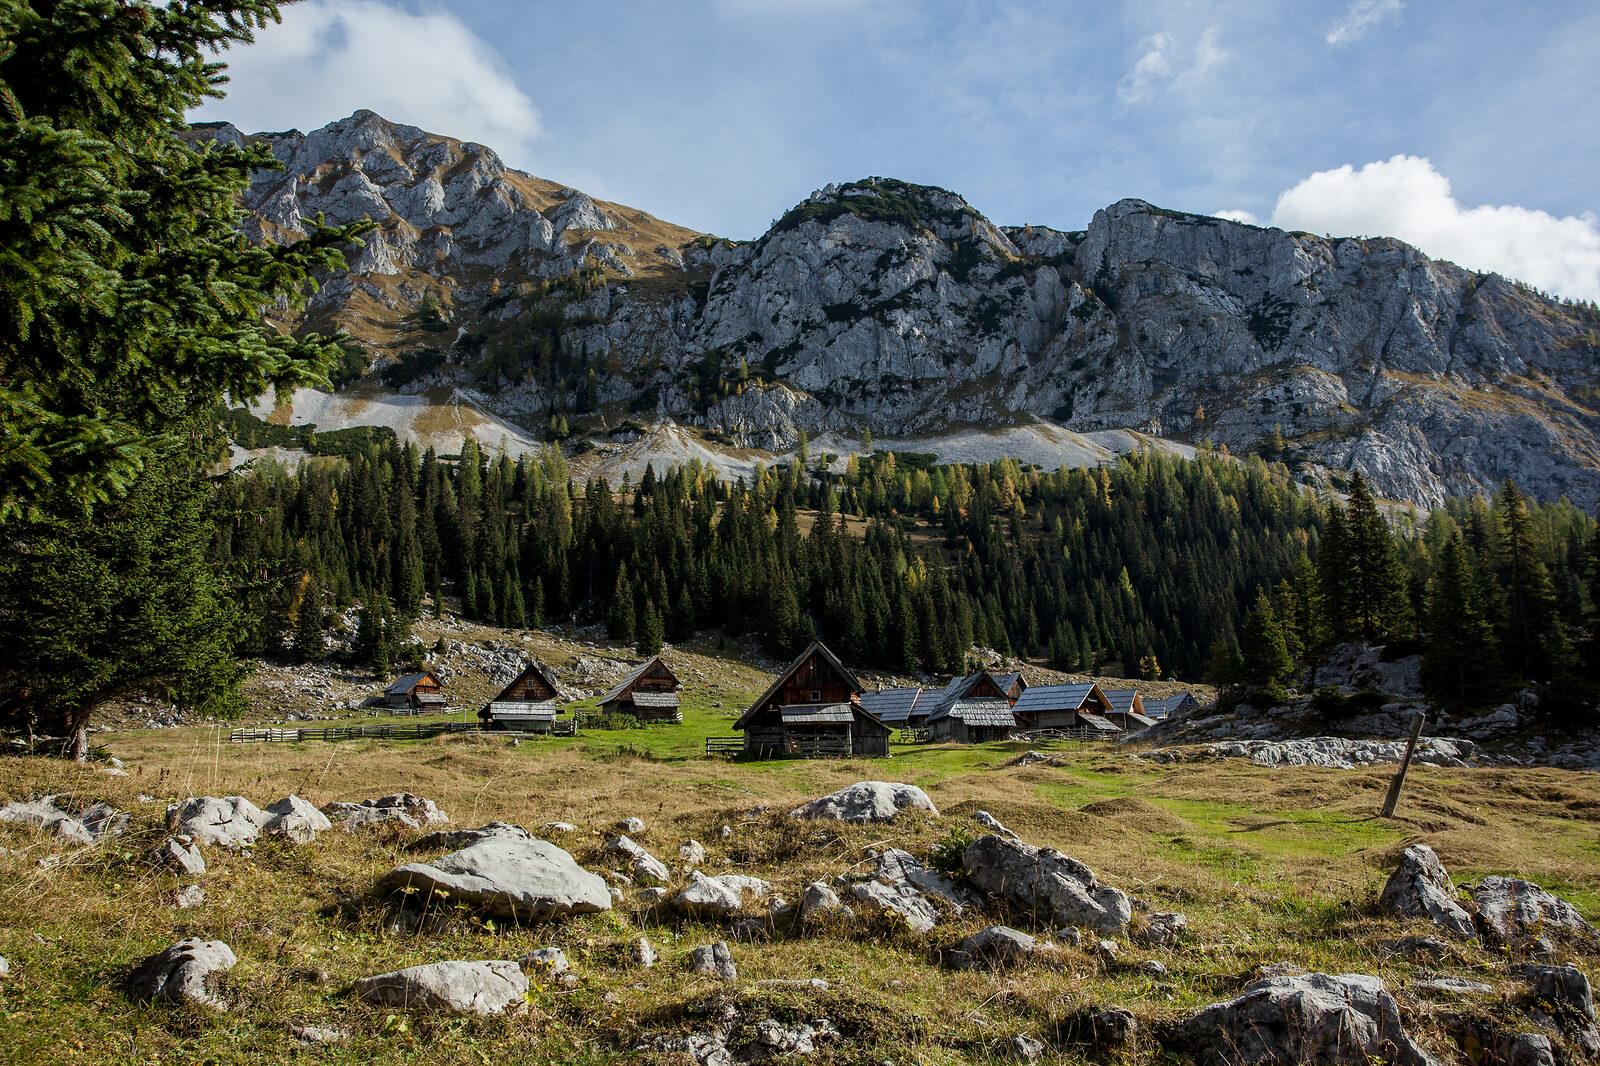 Namig za izlet v 2021: Planina v Lazu - avtentično pastirsko naselje